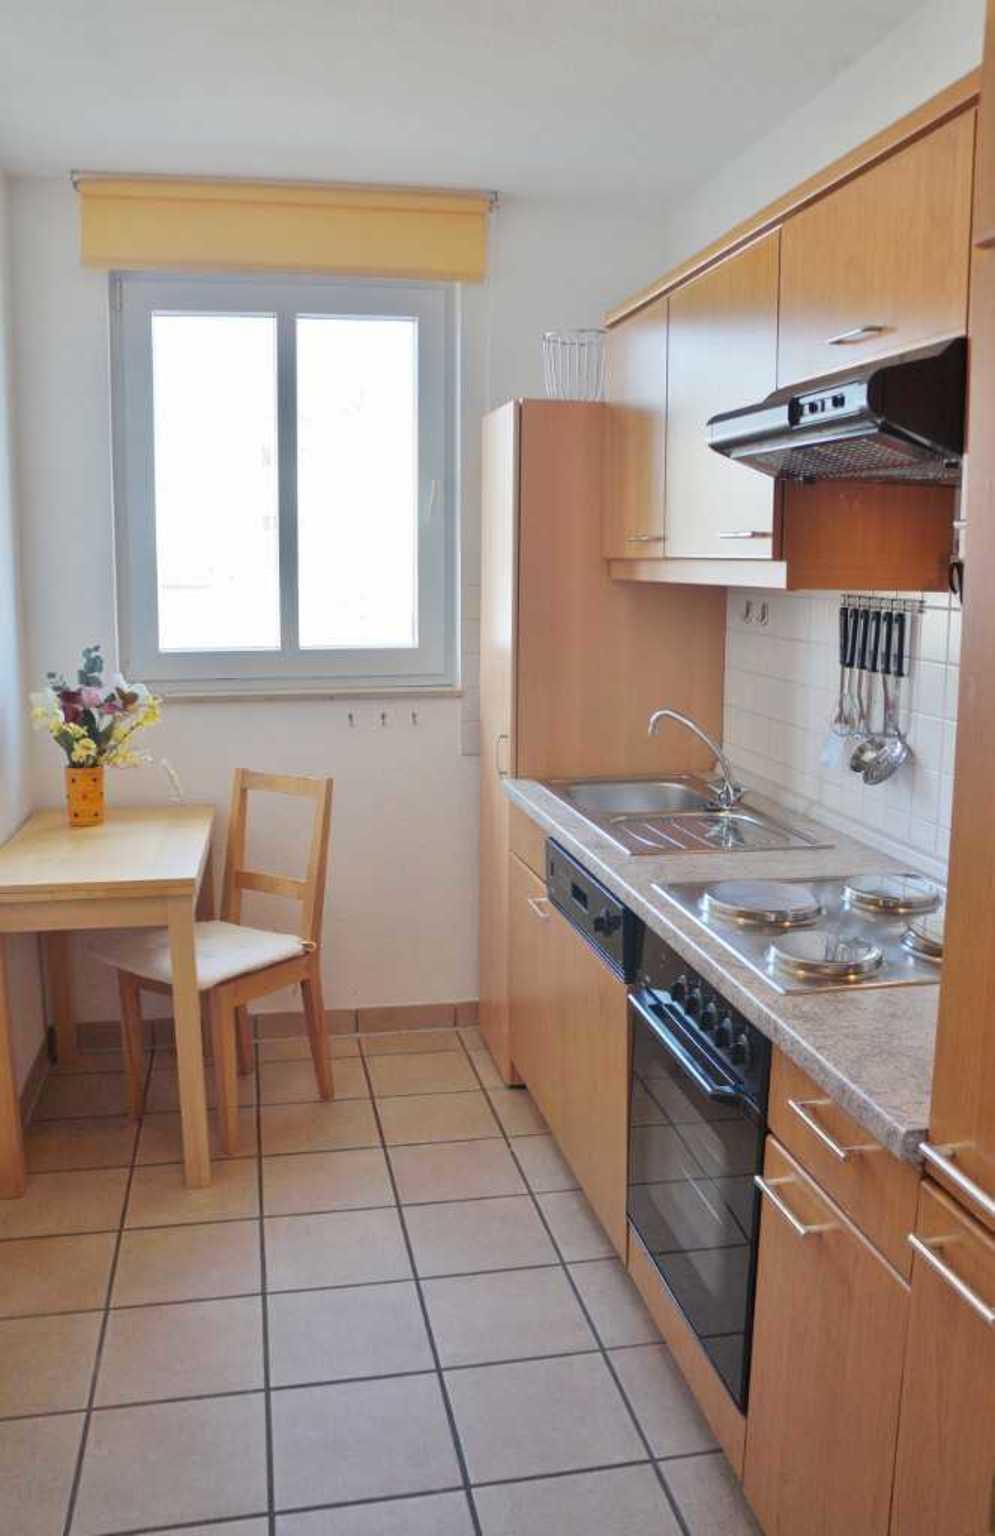 Villa Karola - Ferienwohnung 45415, Wohn. 18